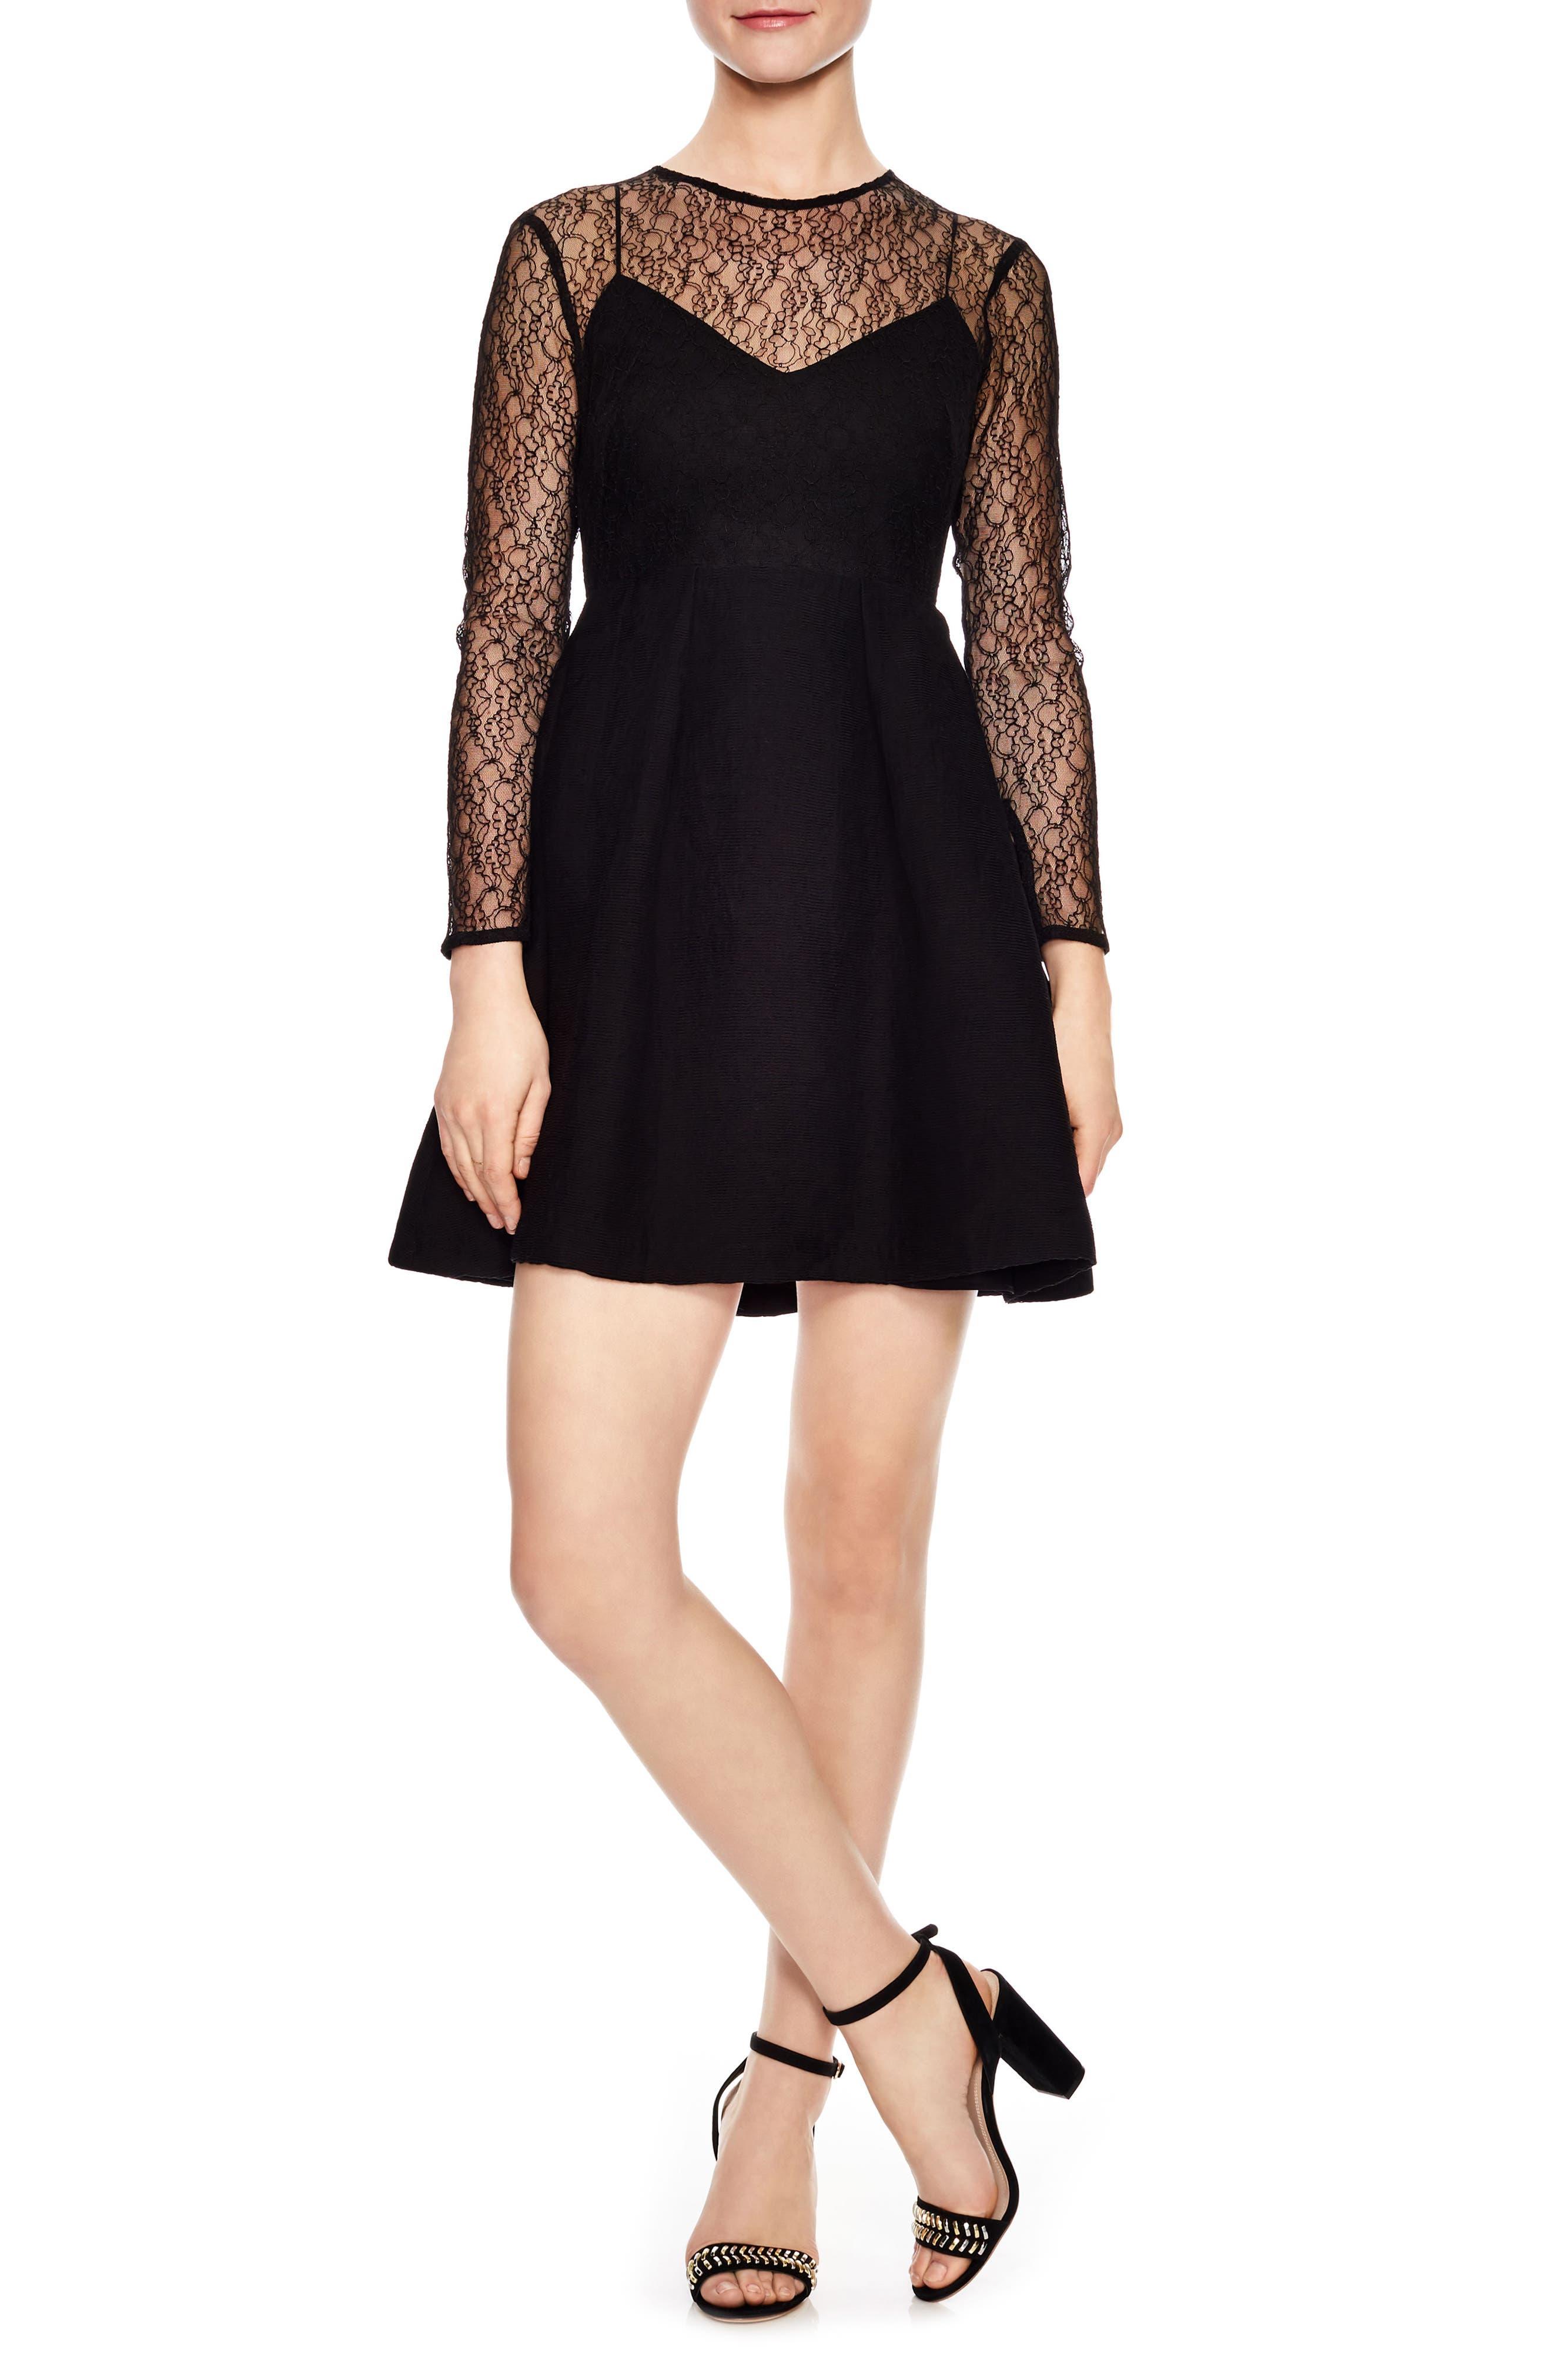 Noir Illusion Lace Mini Dress,                         Main,                         color, Black